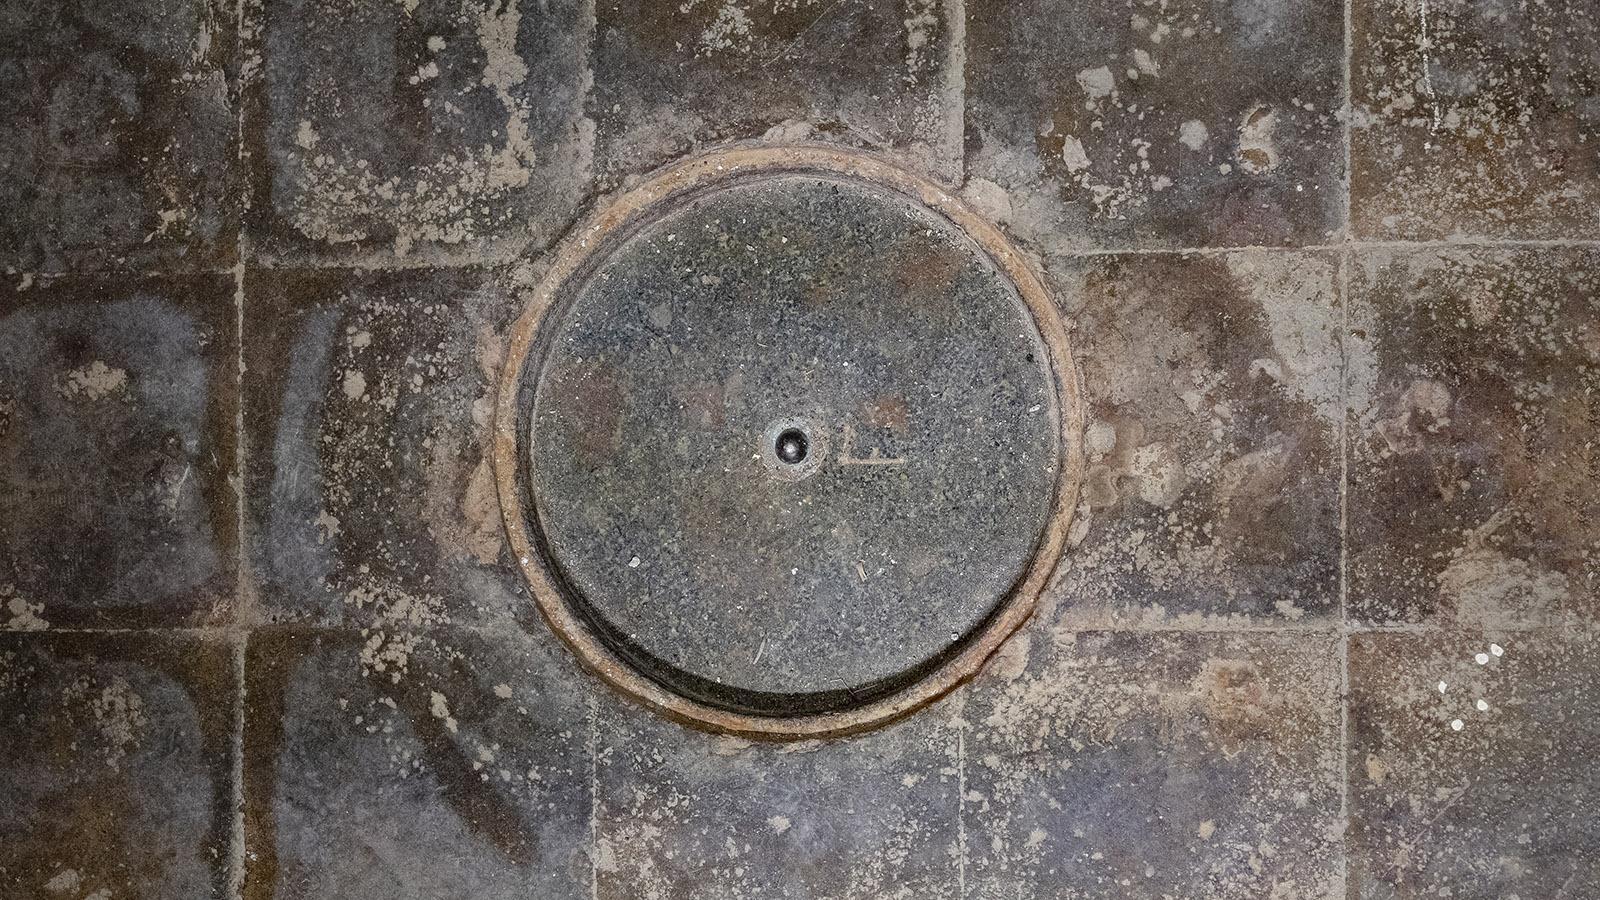 Der offizielle Nullpunkt des Meeresspiegels - im Marégraphe de Marseille ist er in den Boden eingelassen. Foto: Hilke Maunder